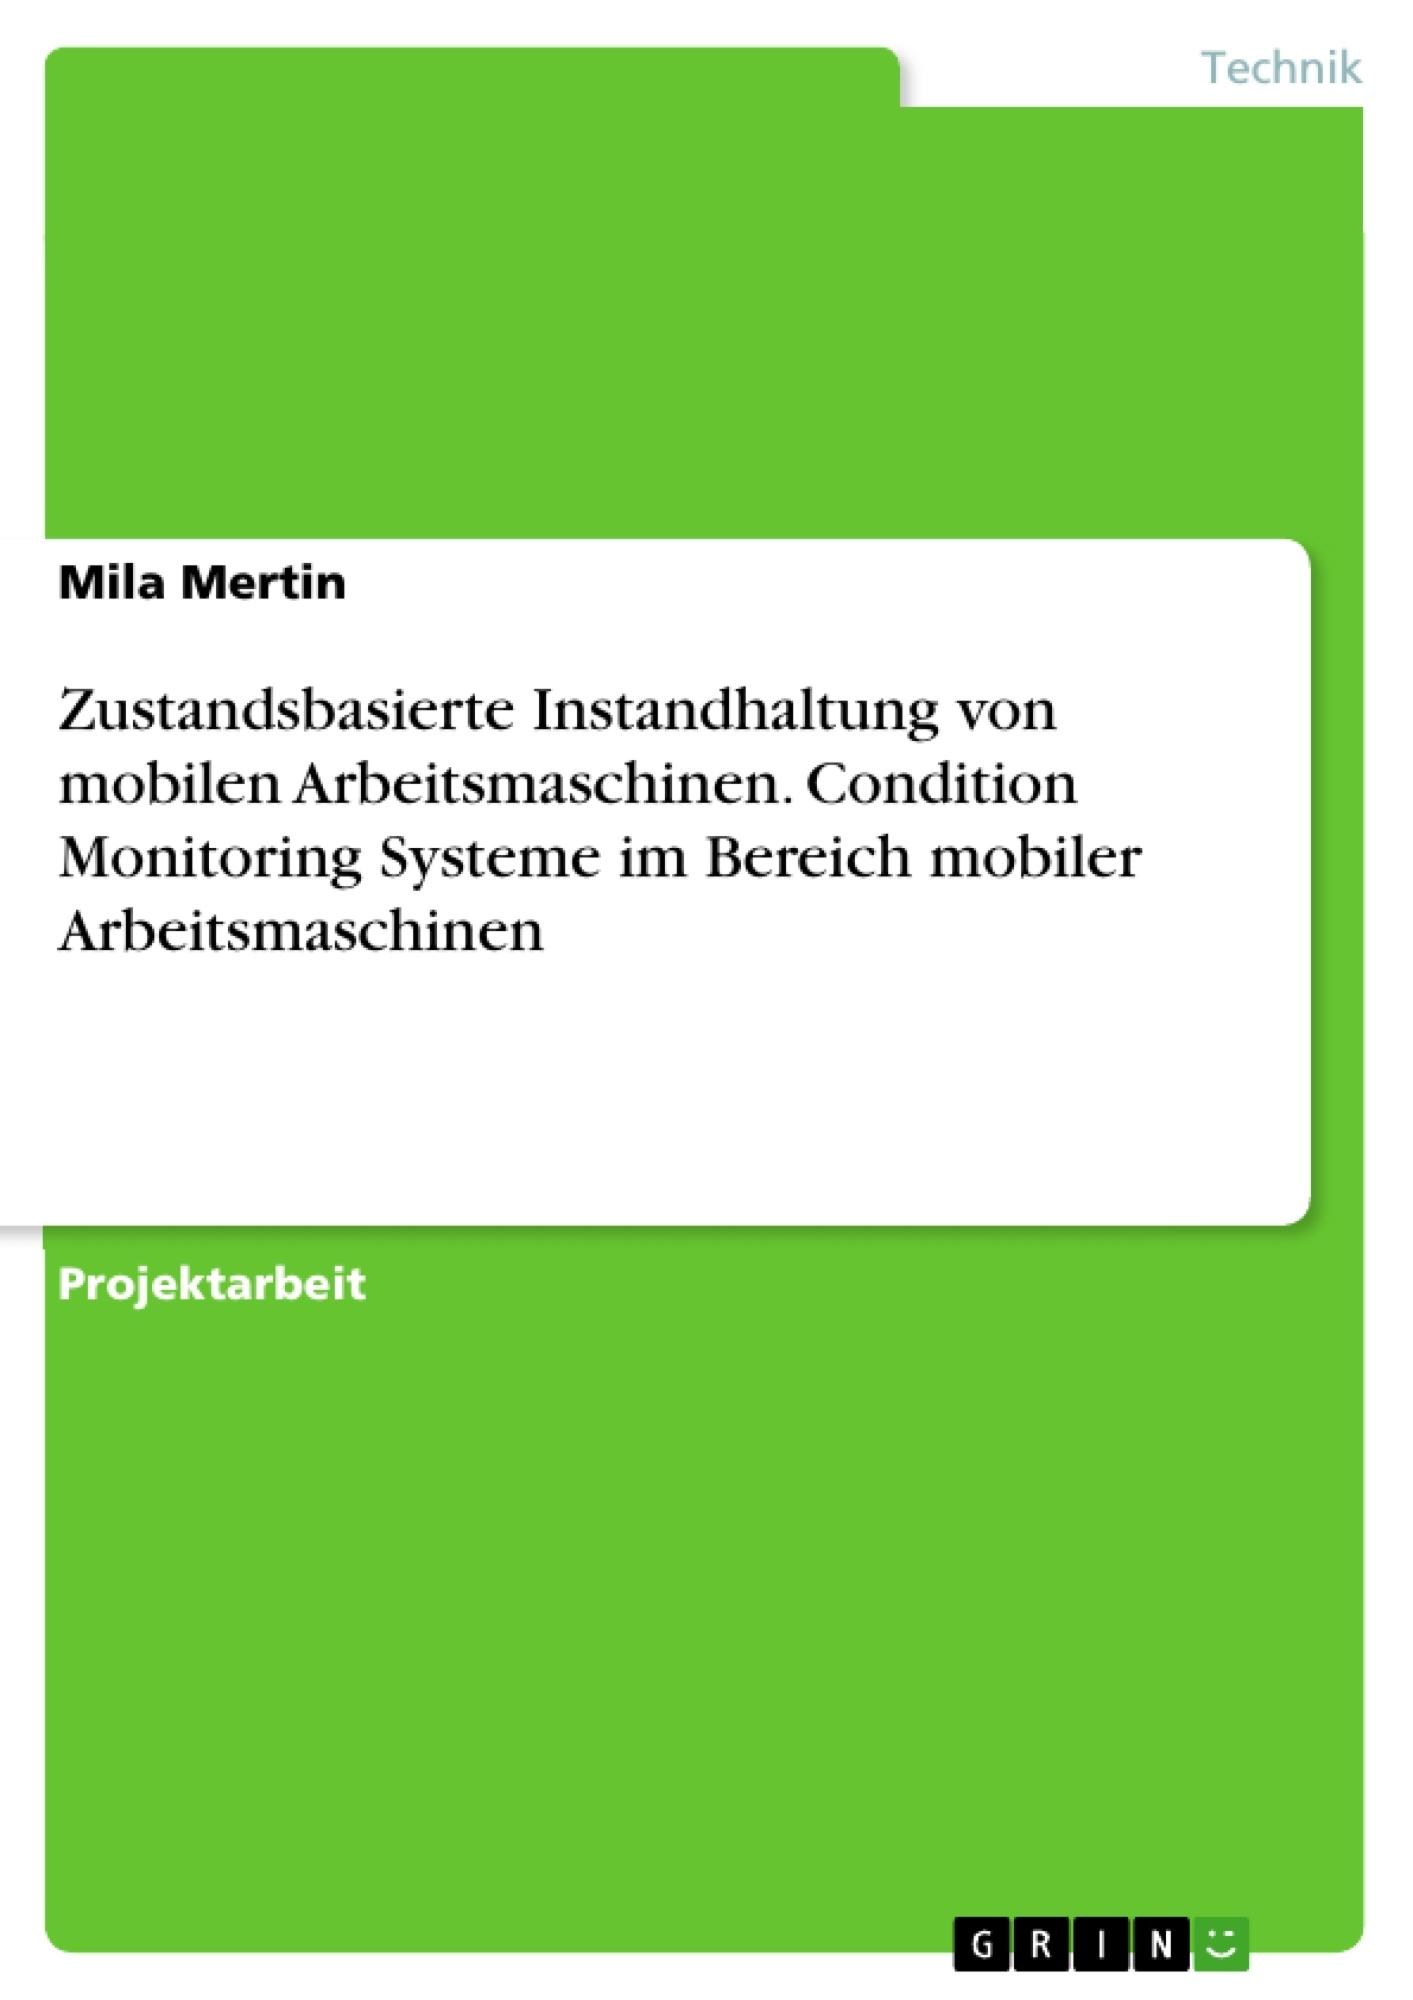 Titel: Zustandsbasierte Instandhaltung von mobilen Arbeitsmaschinen. Condition Monitoring Systeme im Bereich mobiler Arbeitsmaschinen